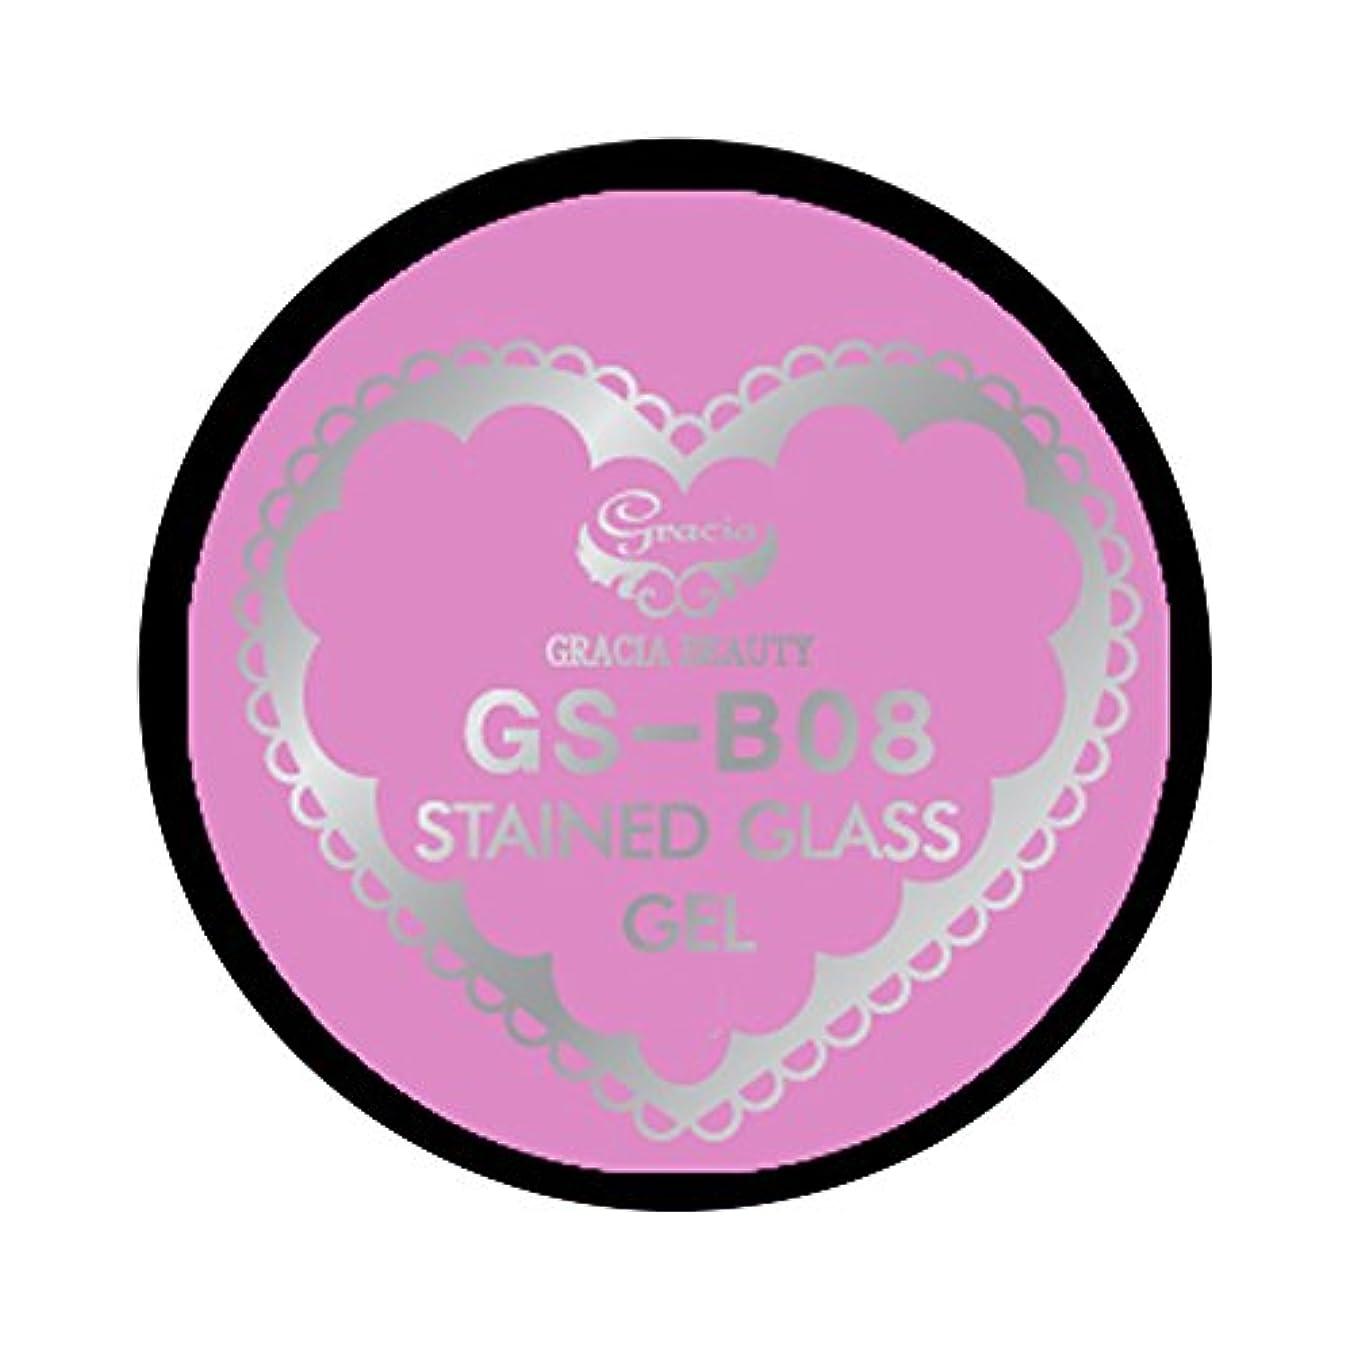 多年生値無実グラシア ジェルネイル ステンドグラスジェル GSM-B08 3g